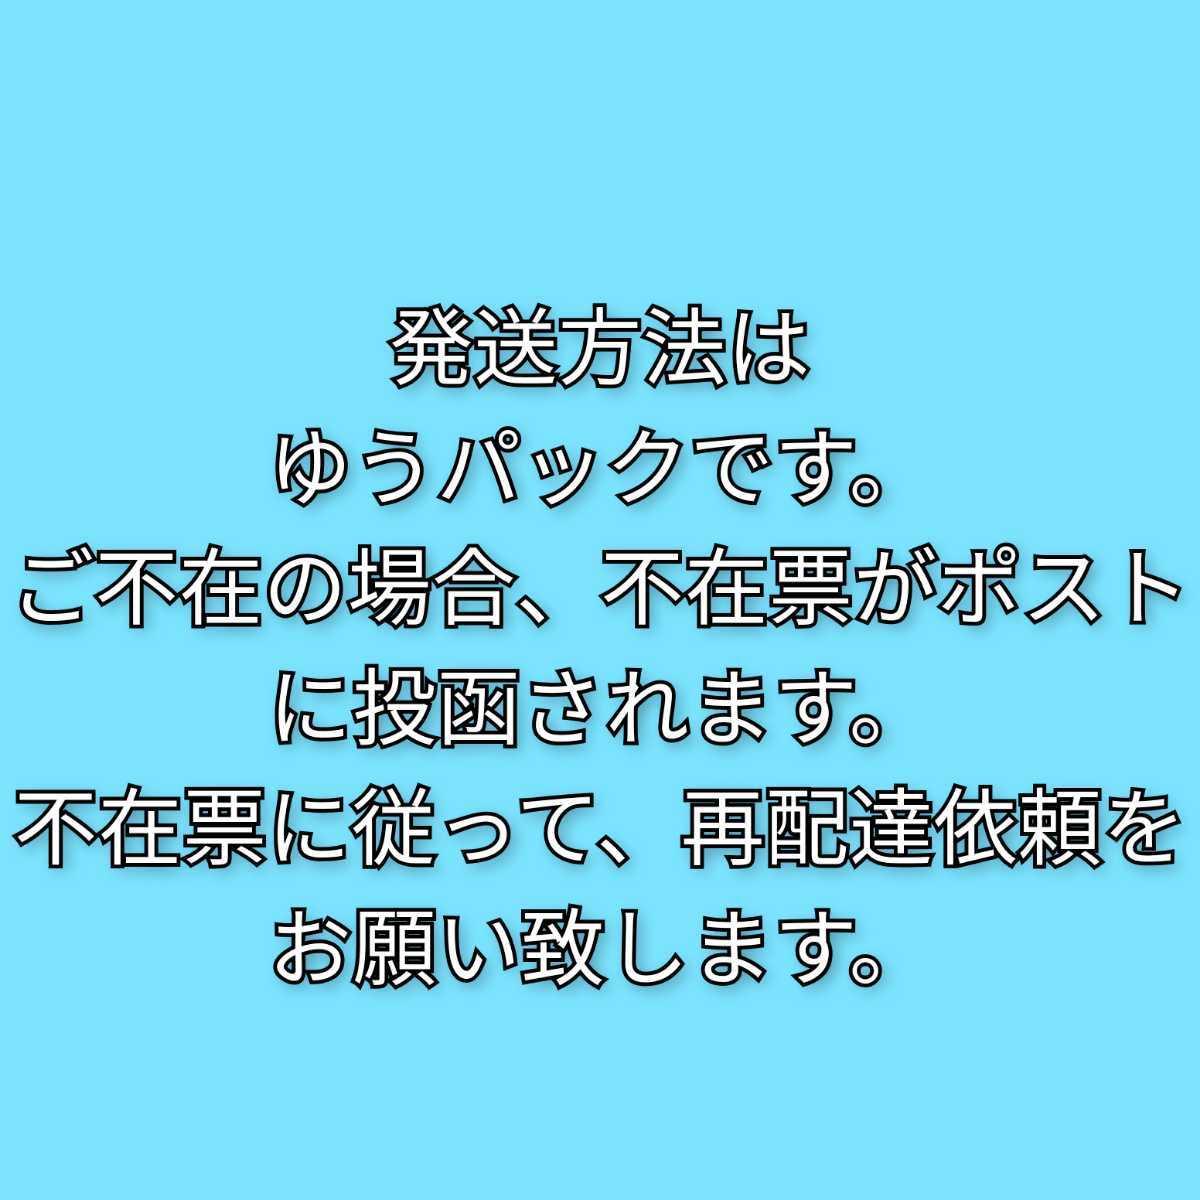 澤井珈琲 ブレンドフォルテシモ 120袋 ドリップコーヒー ドリップバッグ 送料無料